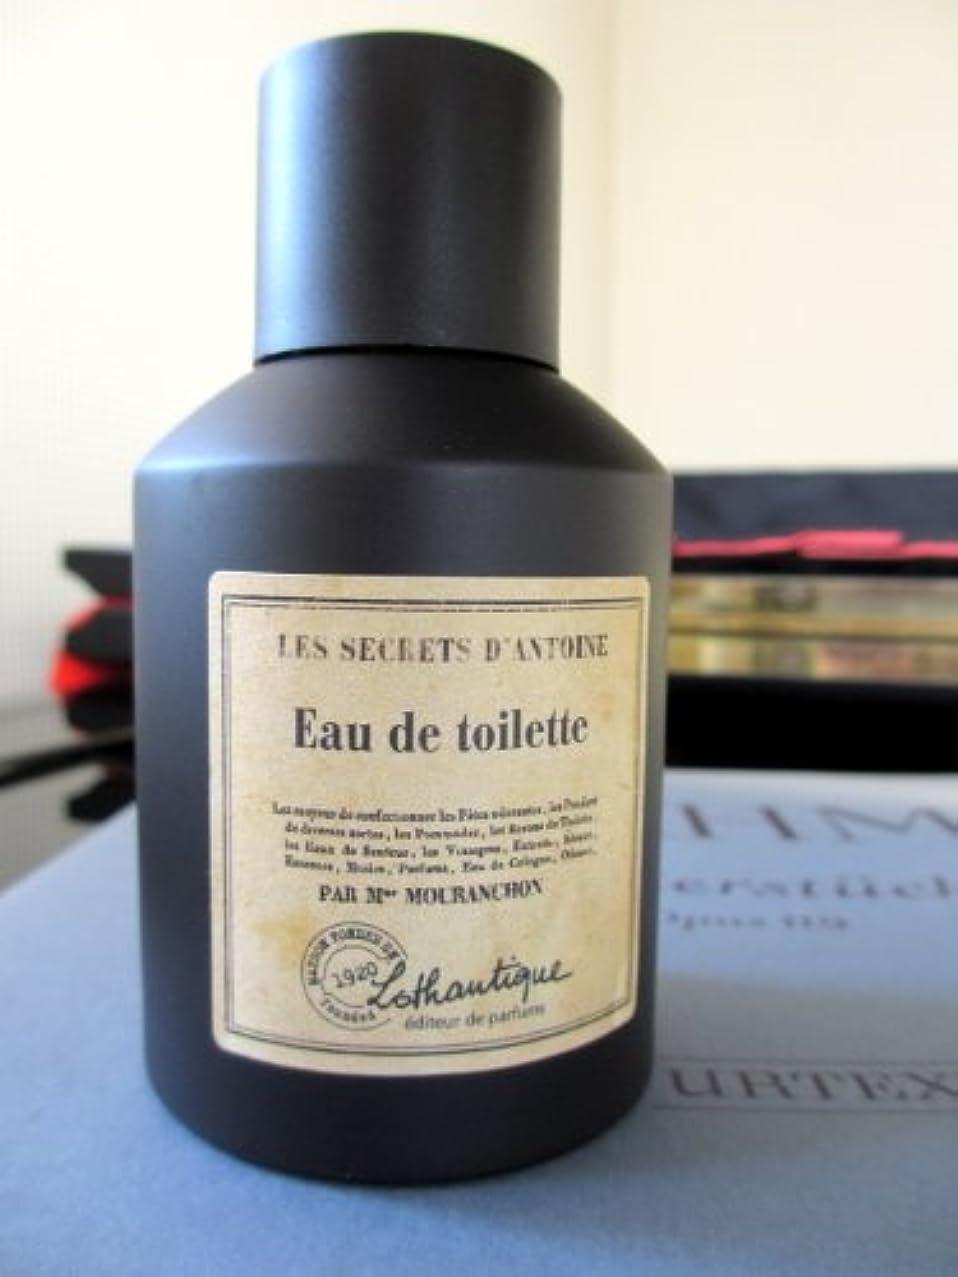 期待たっぷり寛大さLothantique(ロタンティック) LES SECRETS D' ANTOINE(シークレットアントワーヌ) オードトワレ 100ml 3420070037008